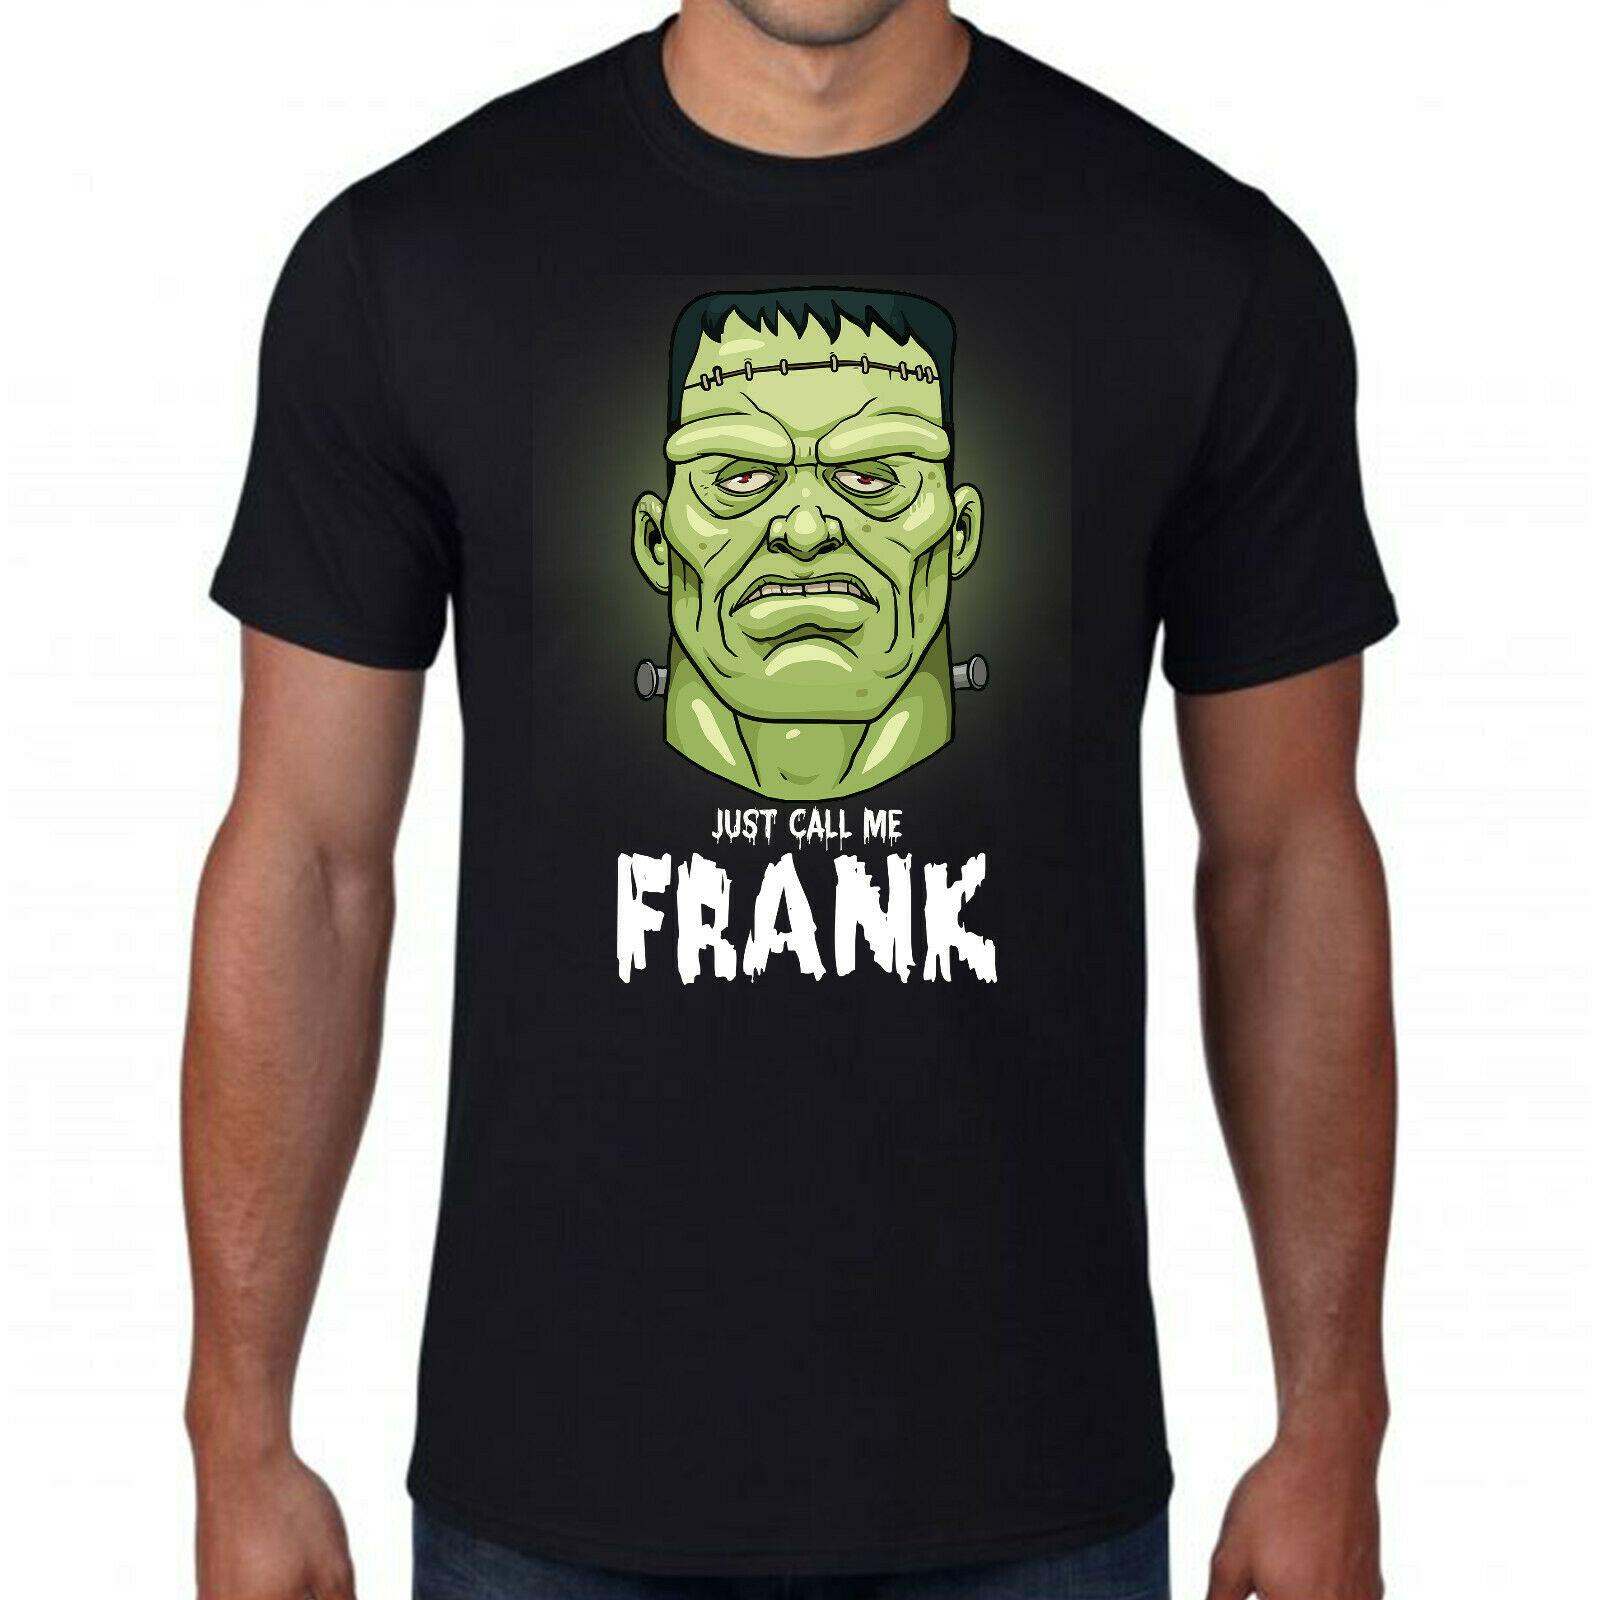 Camiseta con inscripción Just Call me Frank, para hombres y mujeres, verde Zombie videojuego, Frankenstein, Top para adultos, camiseta para culturismo